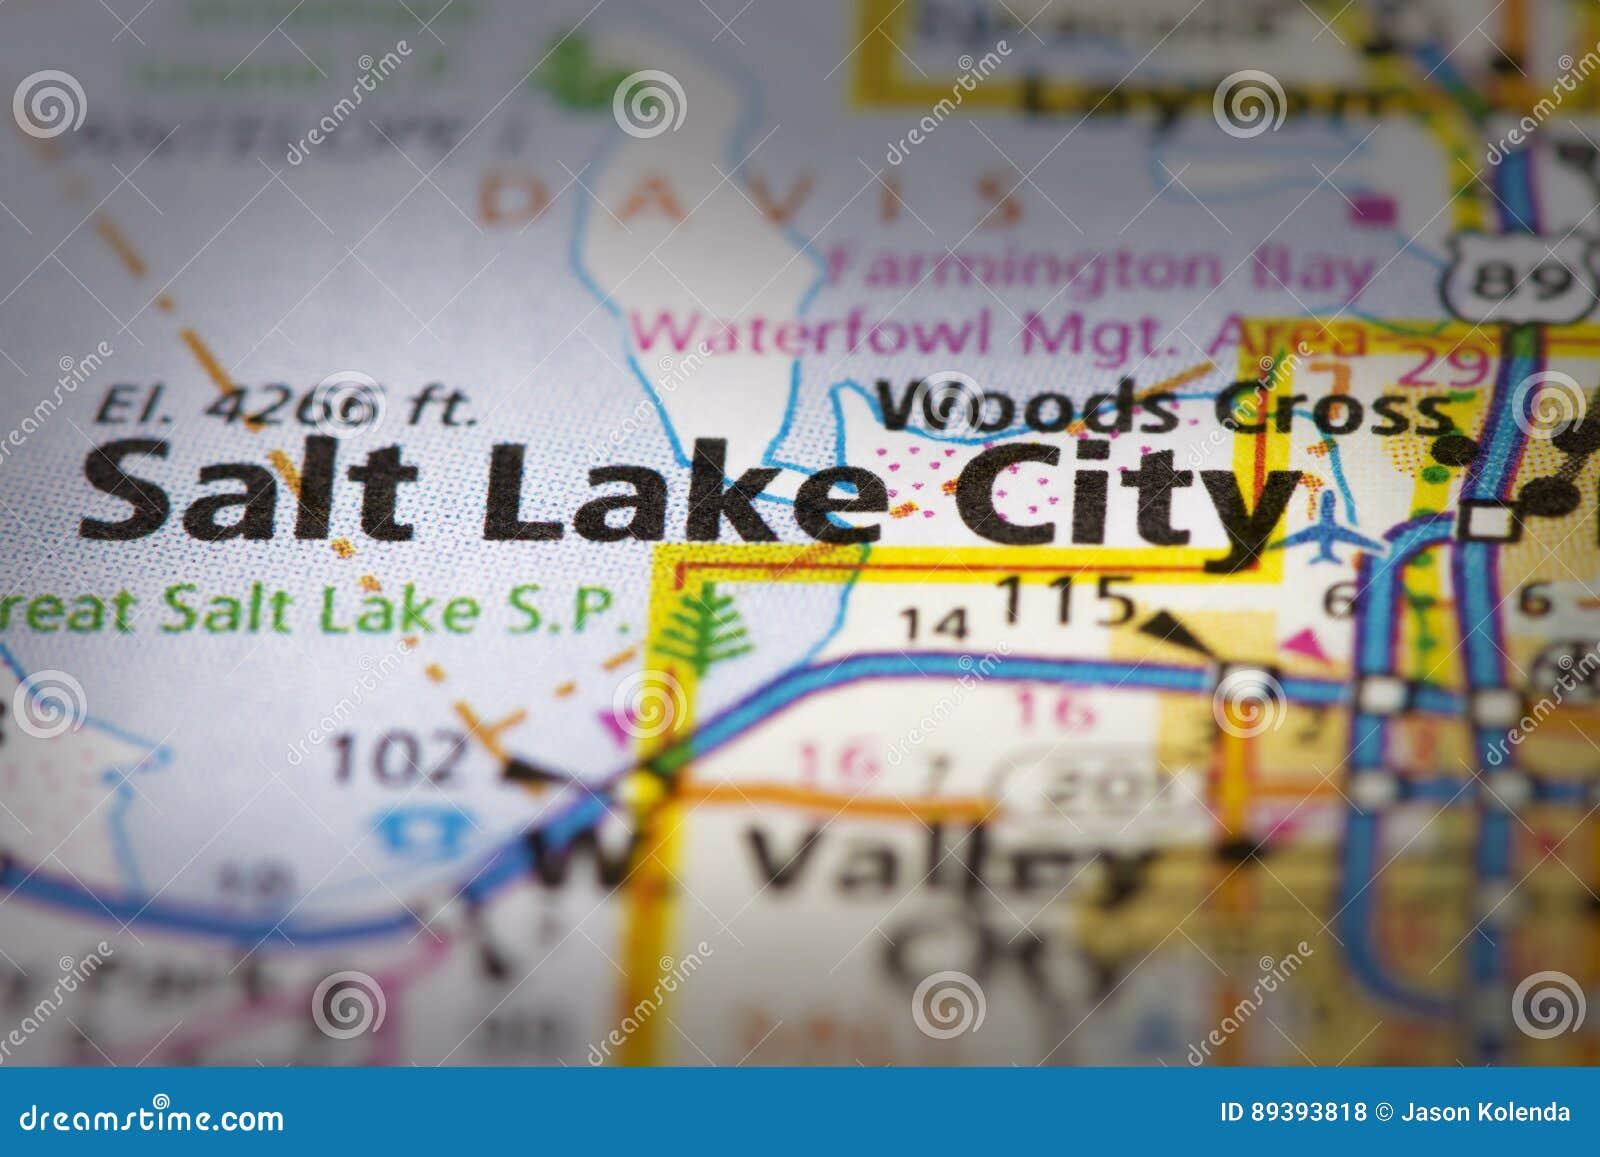 Salt Lake City Utah On Map Stock Photo Image Of States Paper